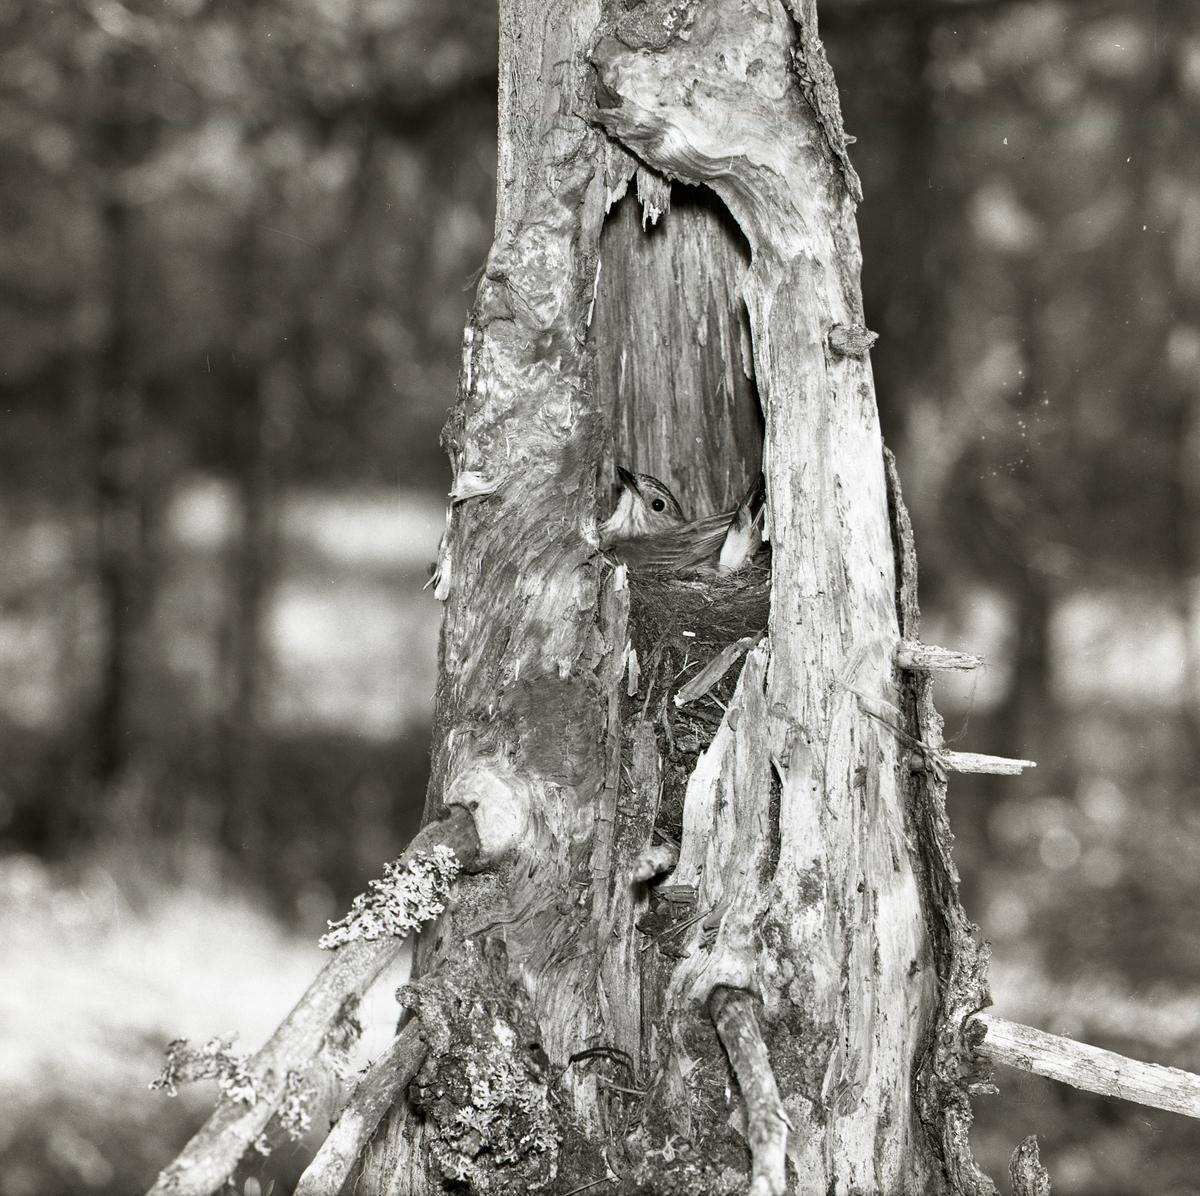 En grå flugsnappare ruvar ägg i sitt bo sommaren 1961. Boet är byggt i en trädstubbe och fågeln tittar ut på fotografen med nyfiken blick.